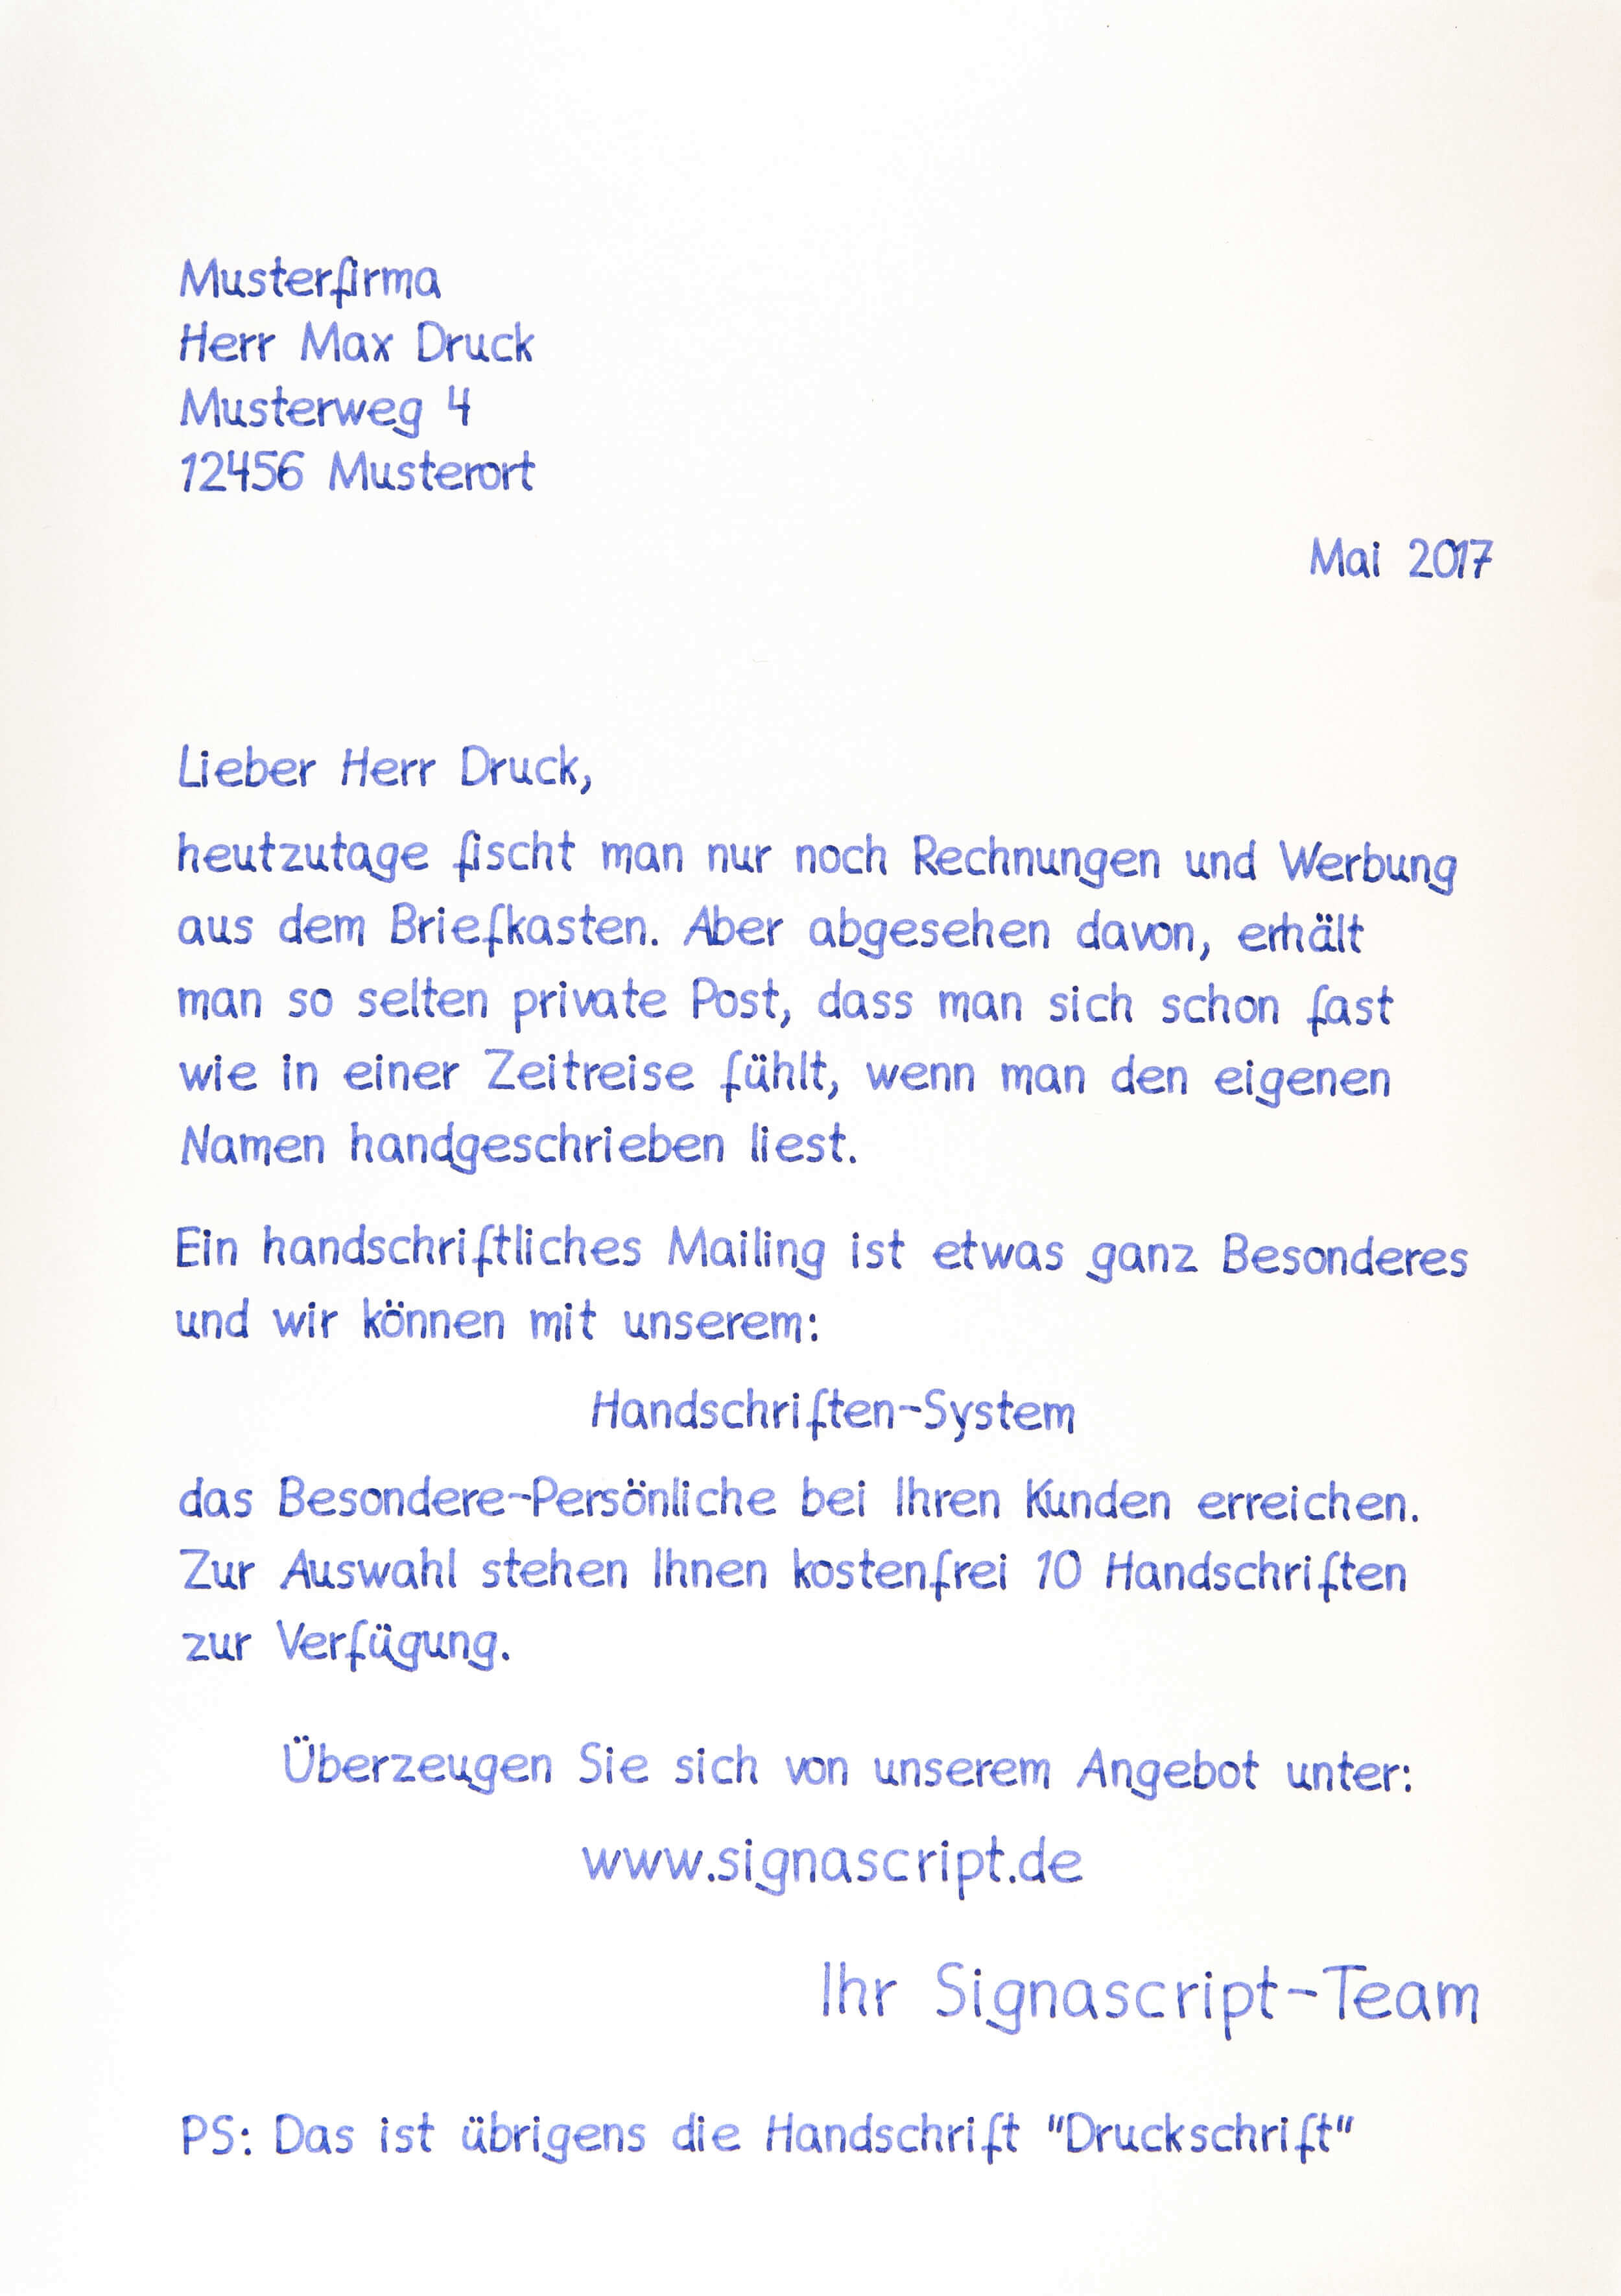 schöne handschrift